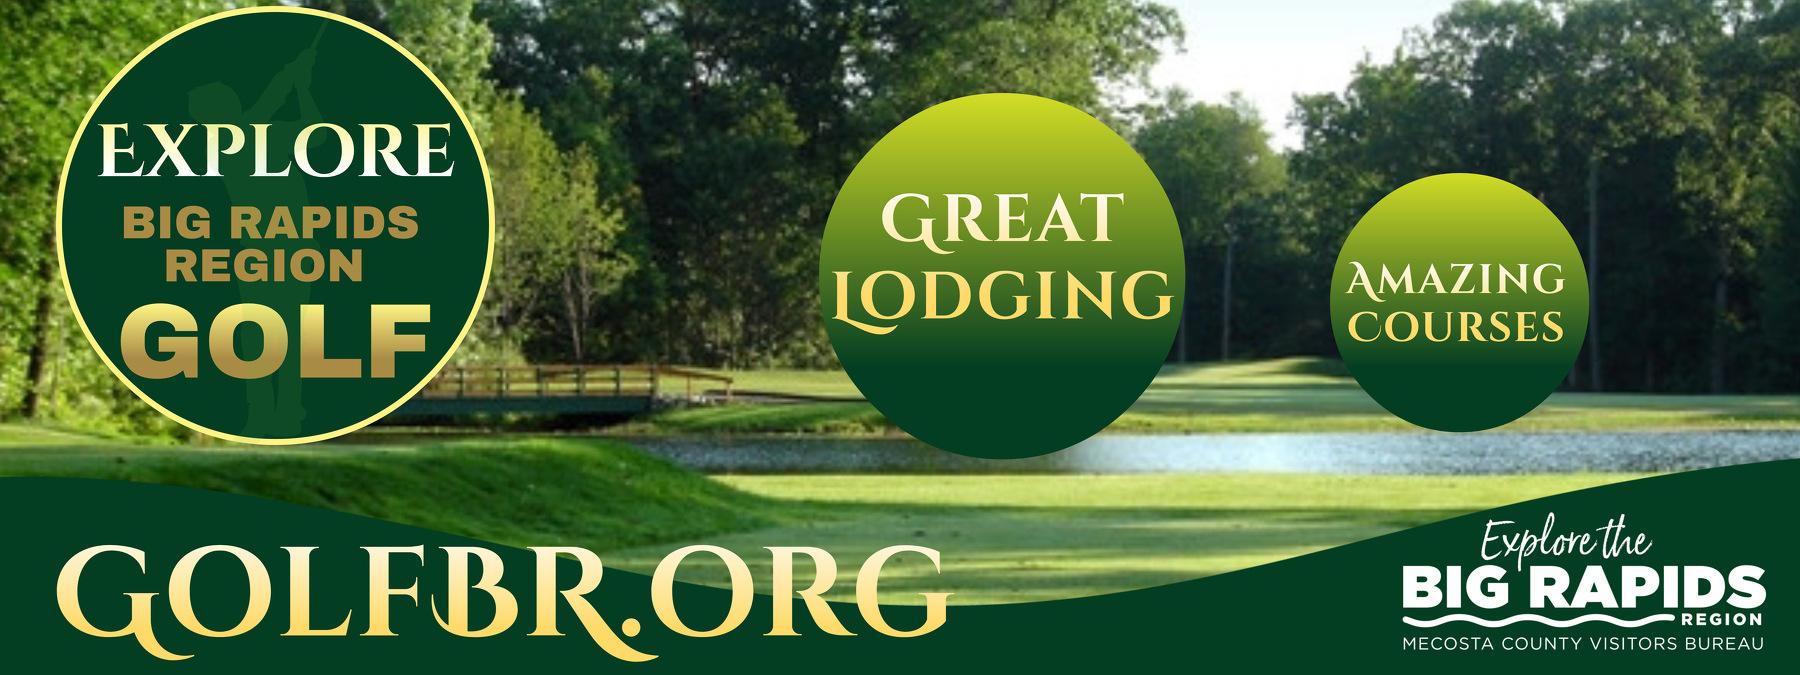 golf-sign.jpg